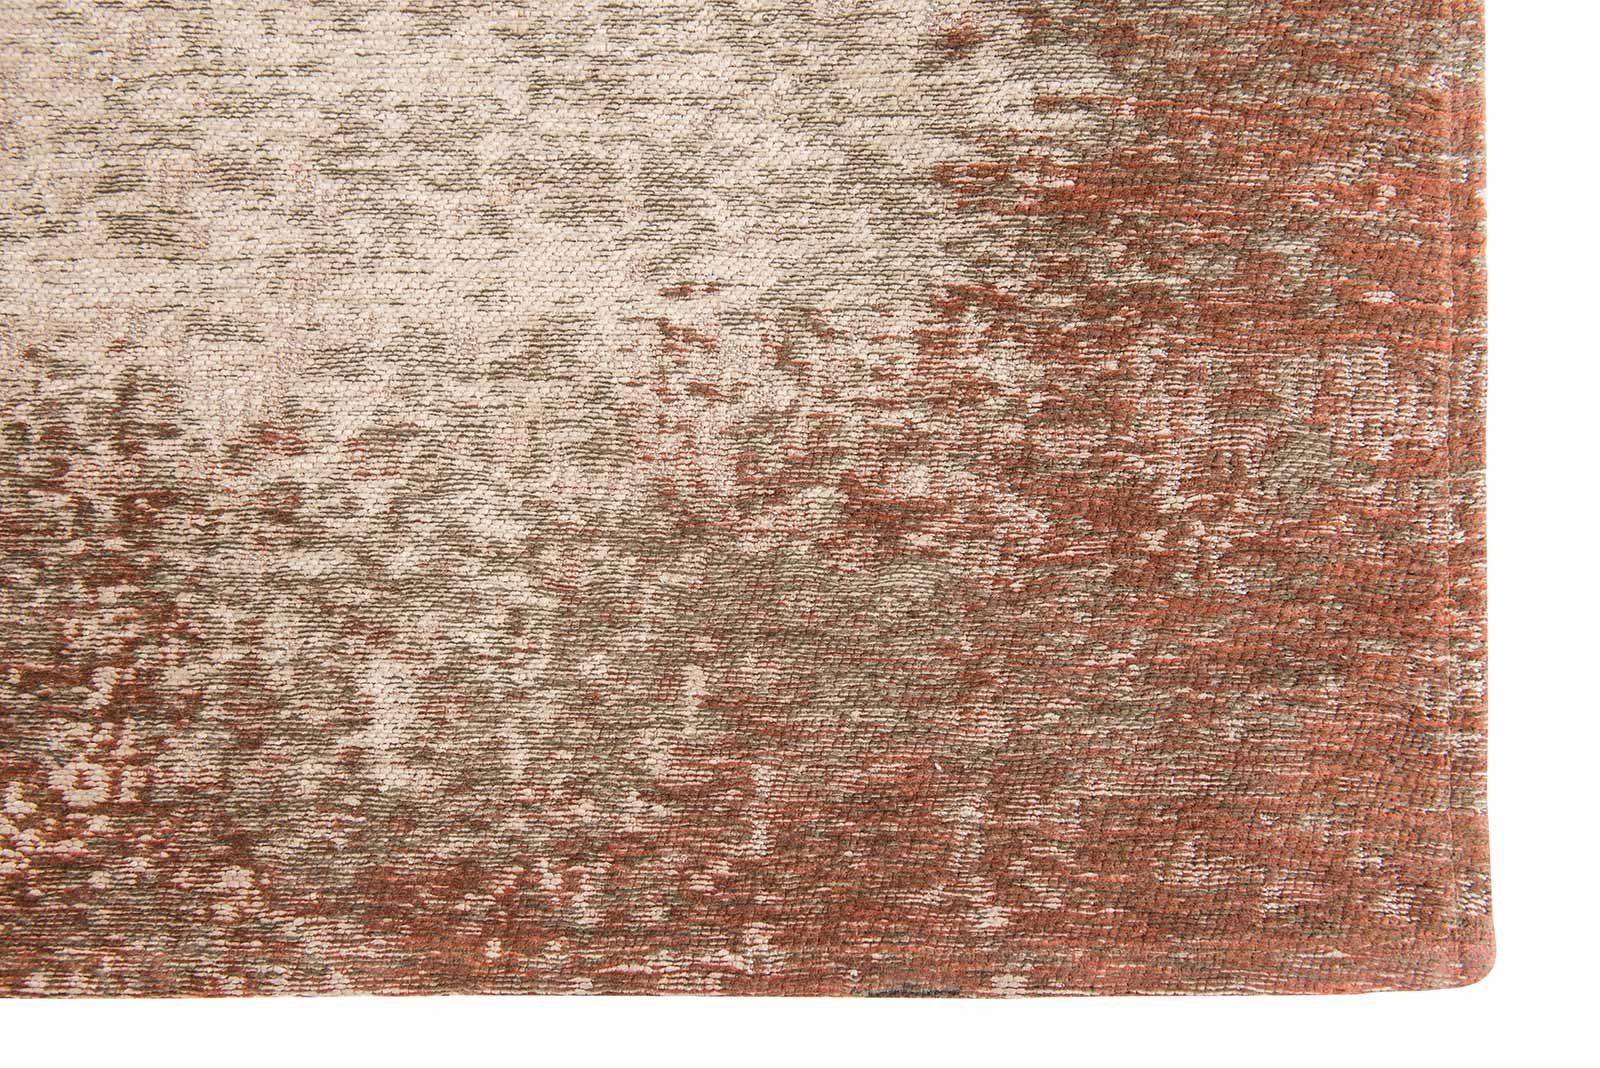 Louis De Poortere alfombras Villa Nova LX 8770 Marka Cognac corner